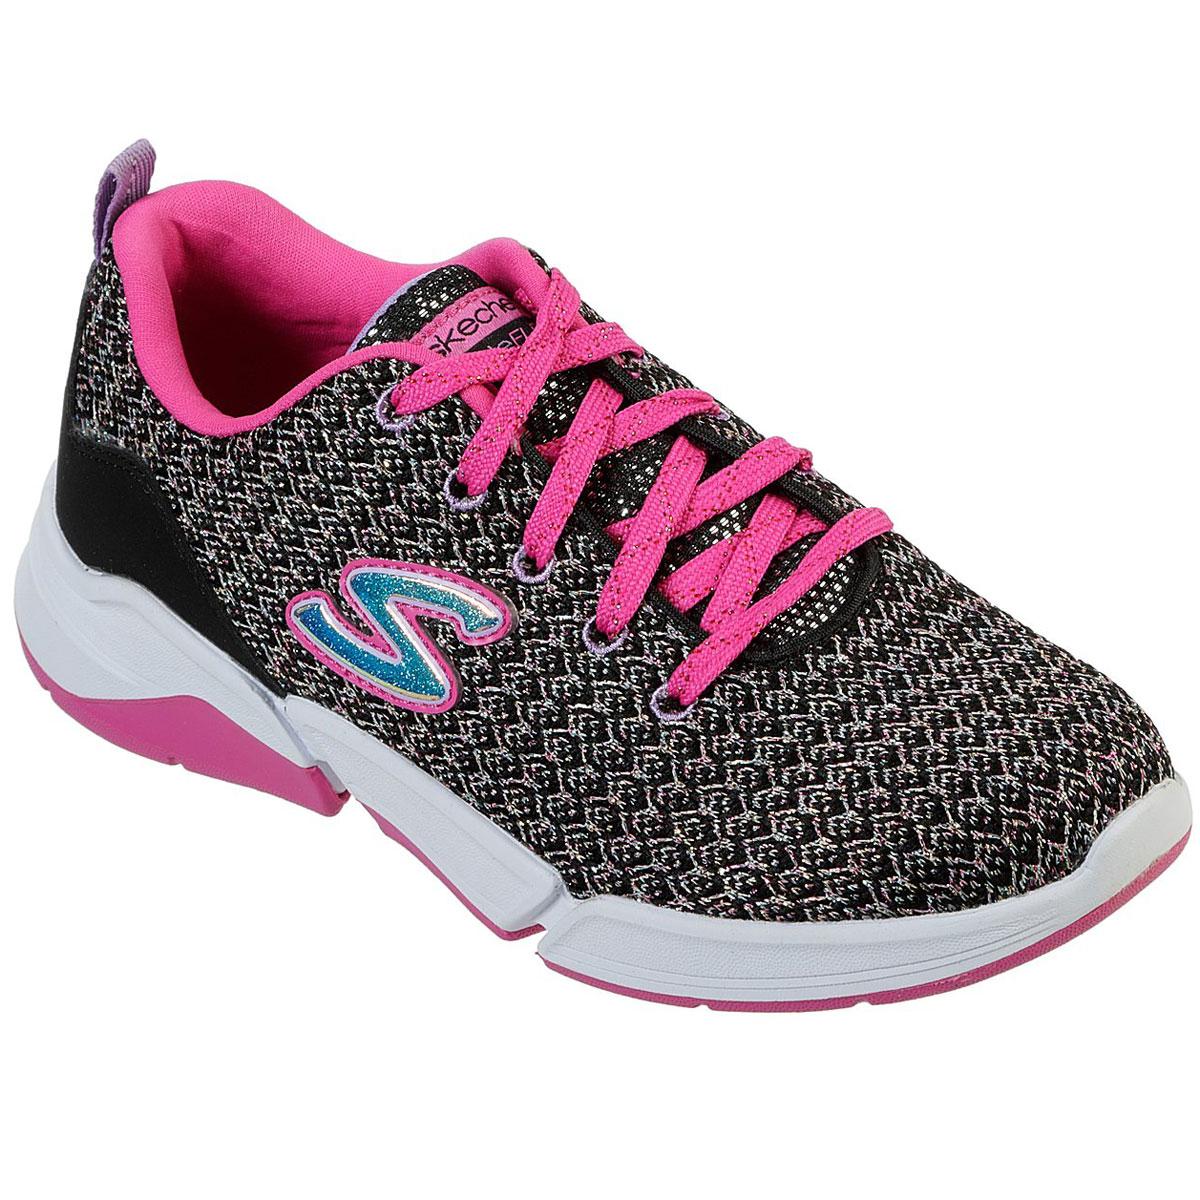 Skechers Little Girls' Triple Flex Sparkle Knit Lace Up Shoes - Black, 3